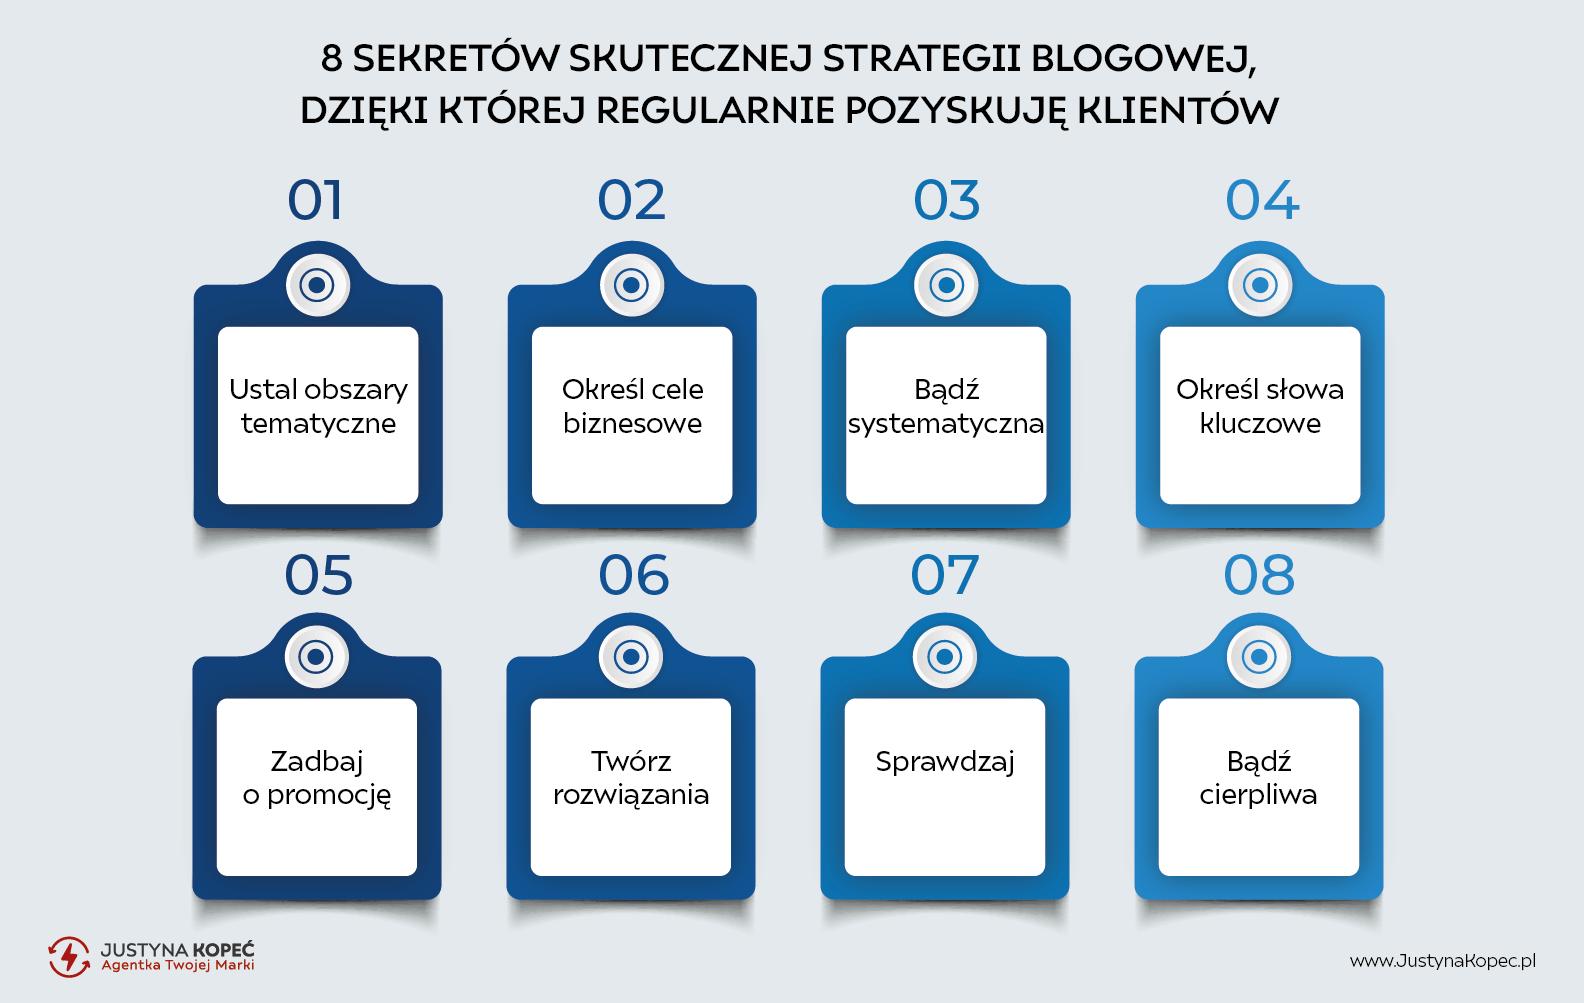 8 sekretów skutecznej strategii blogowej, dzięki którejregularnie pozyskuję klientów